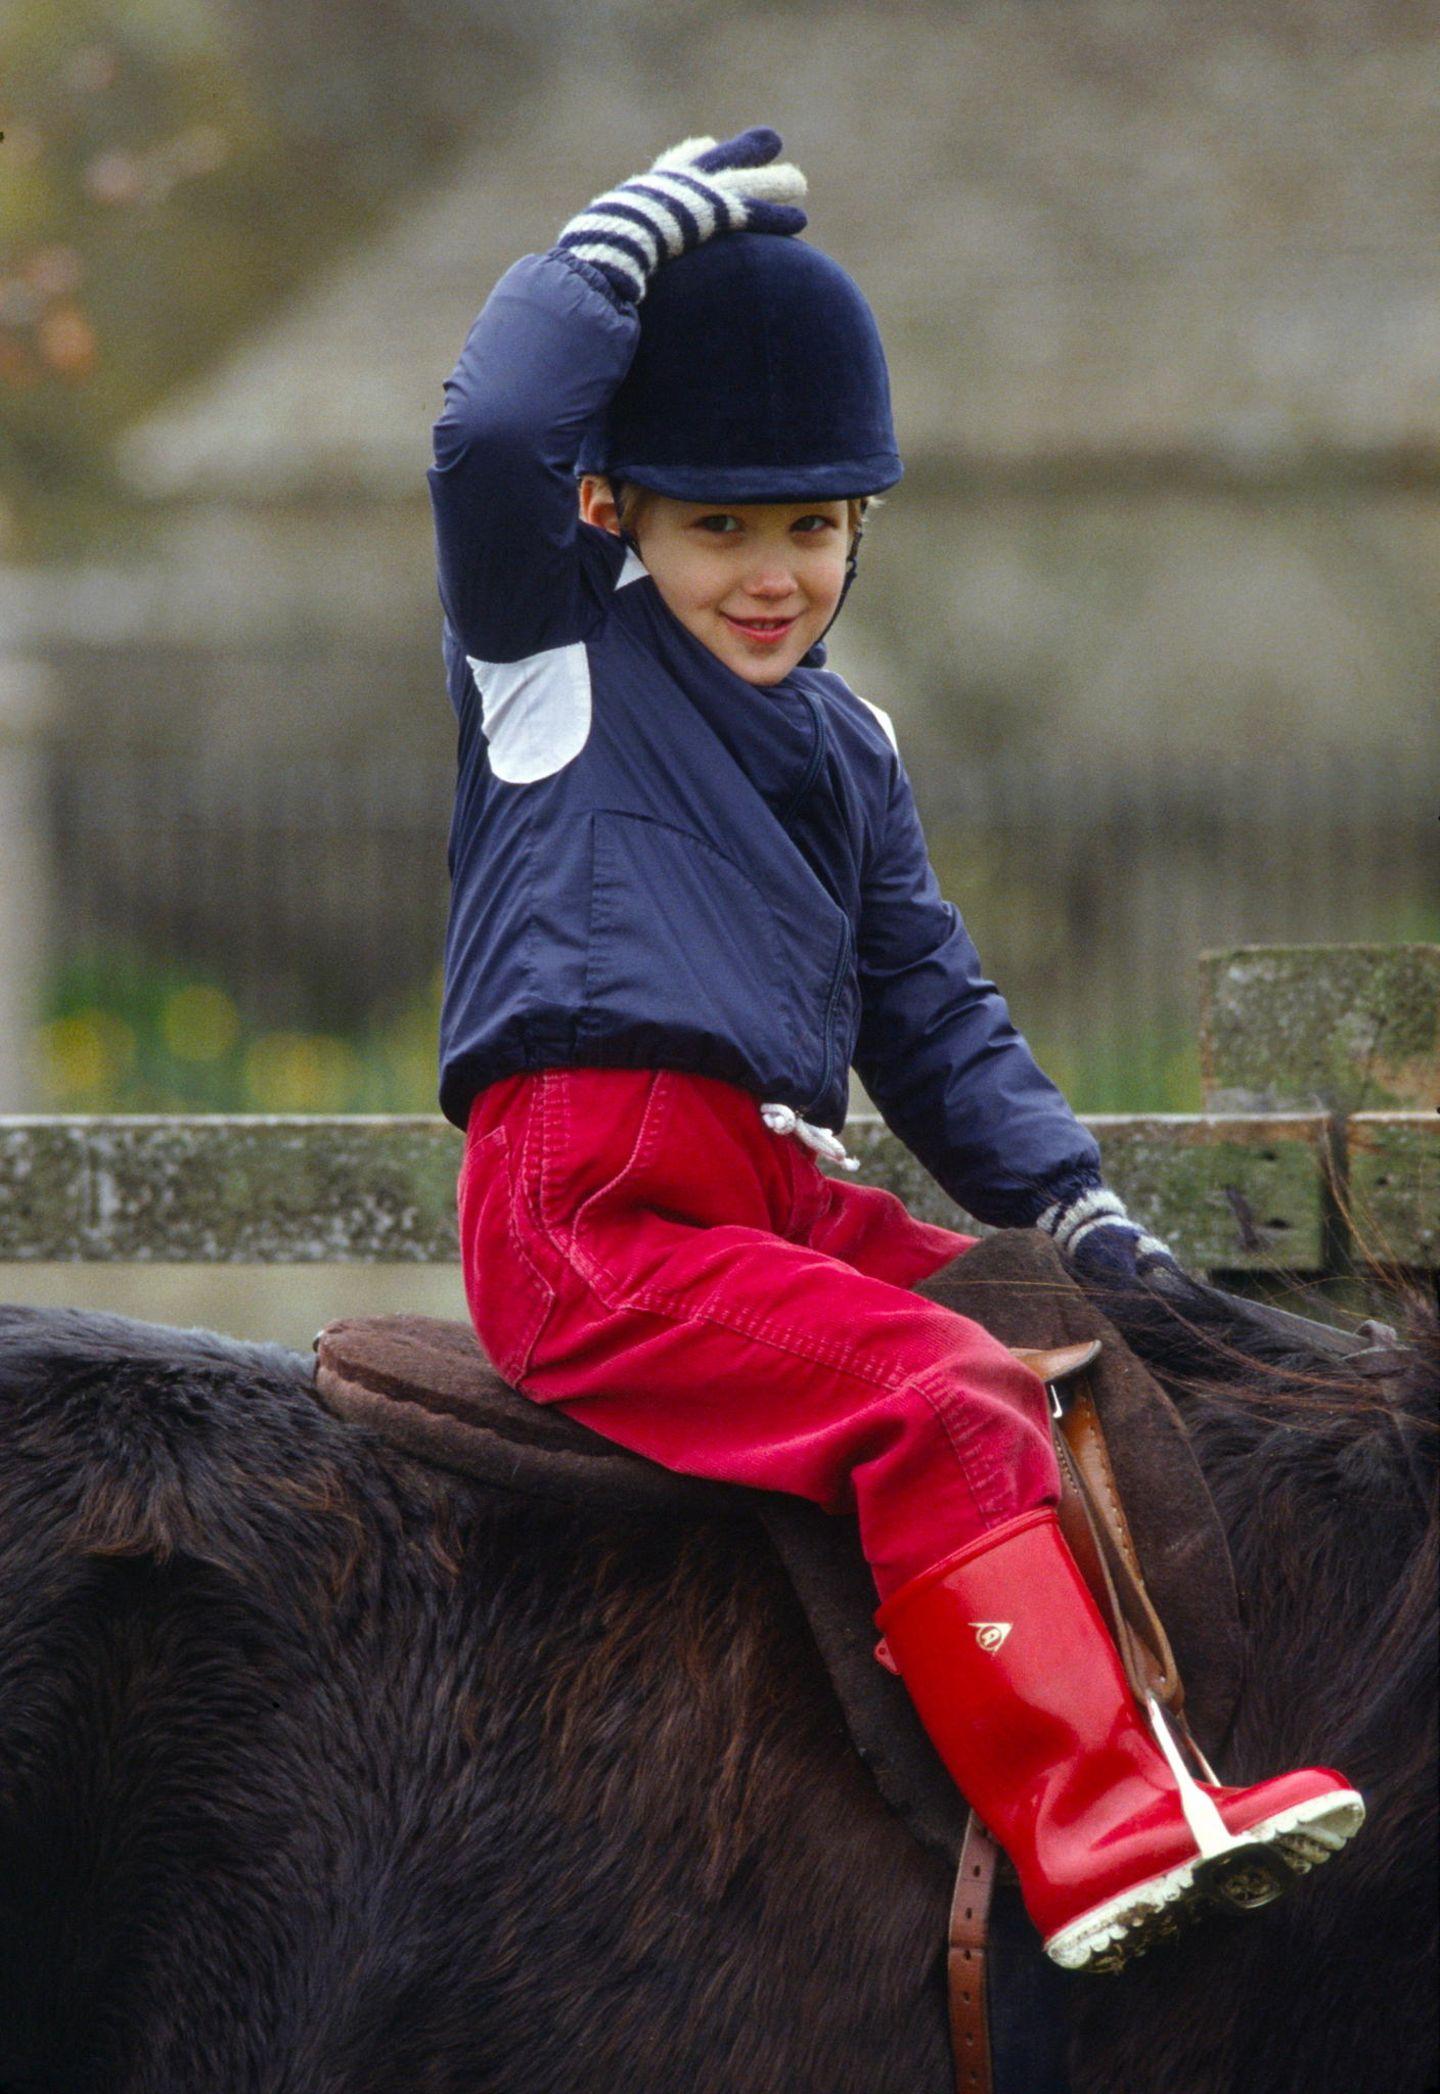 Schon als Dreijährige reitet Gabriella auf ihrem Pony.